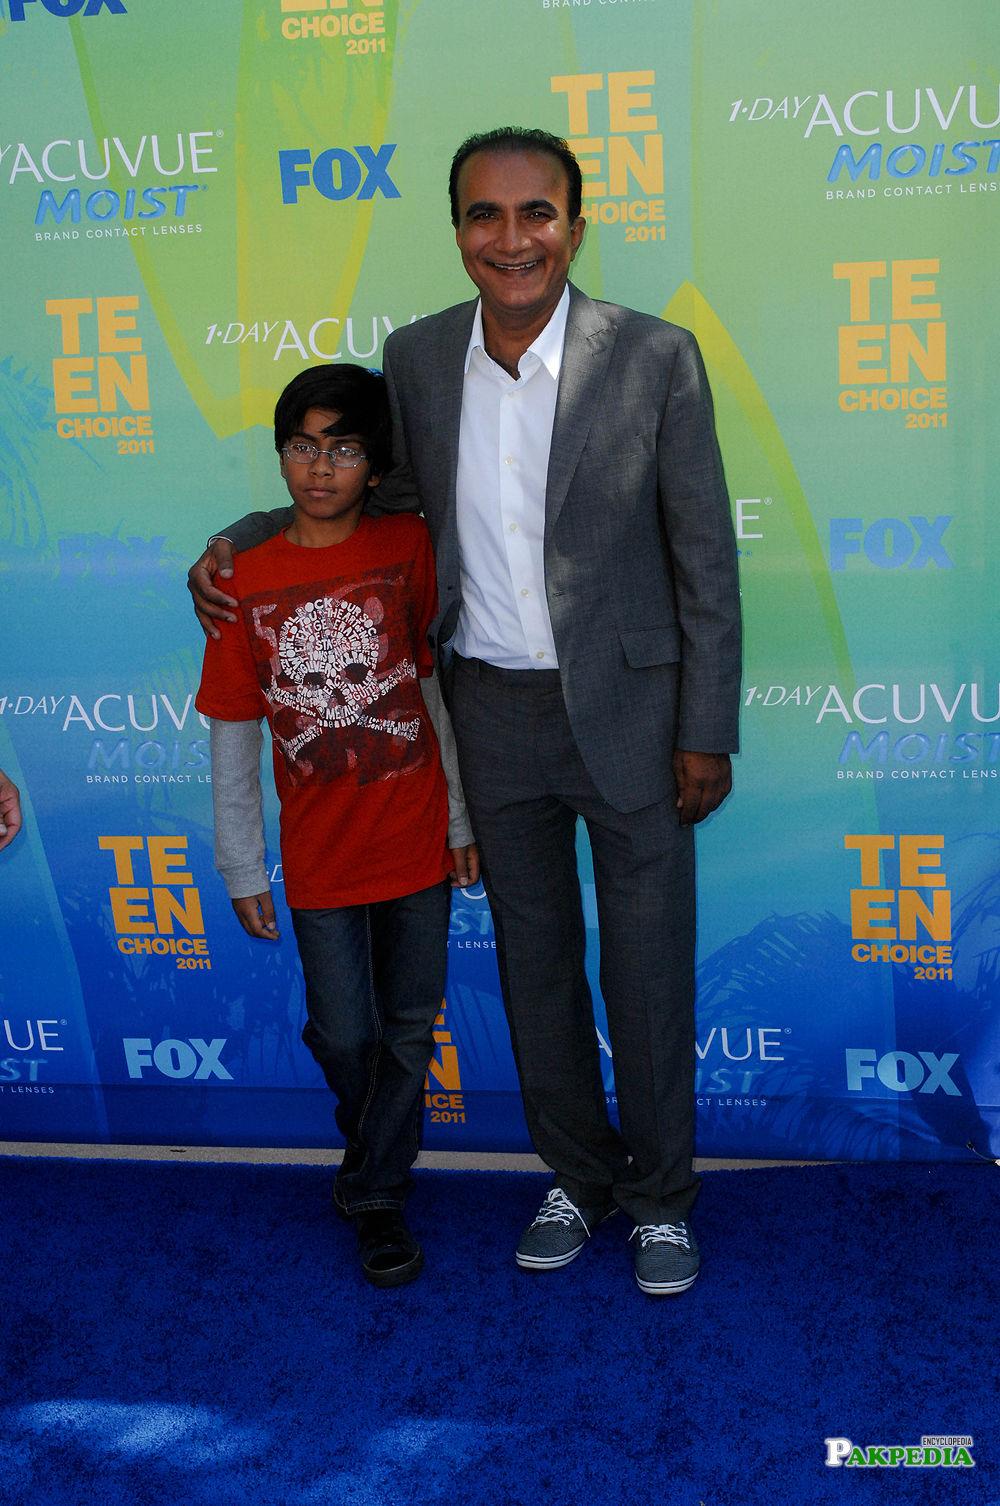 Iqbal Theba and son at the TEEN CHOICE 2011 Awards